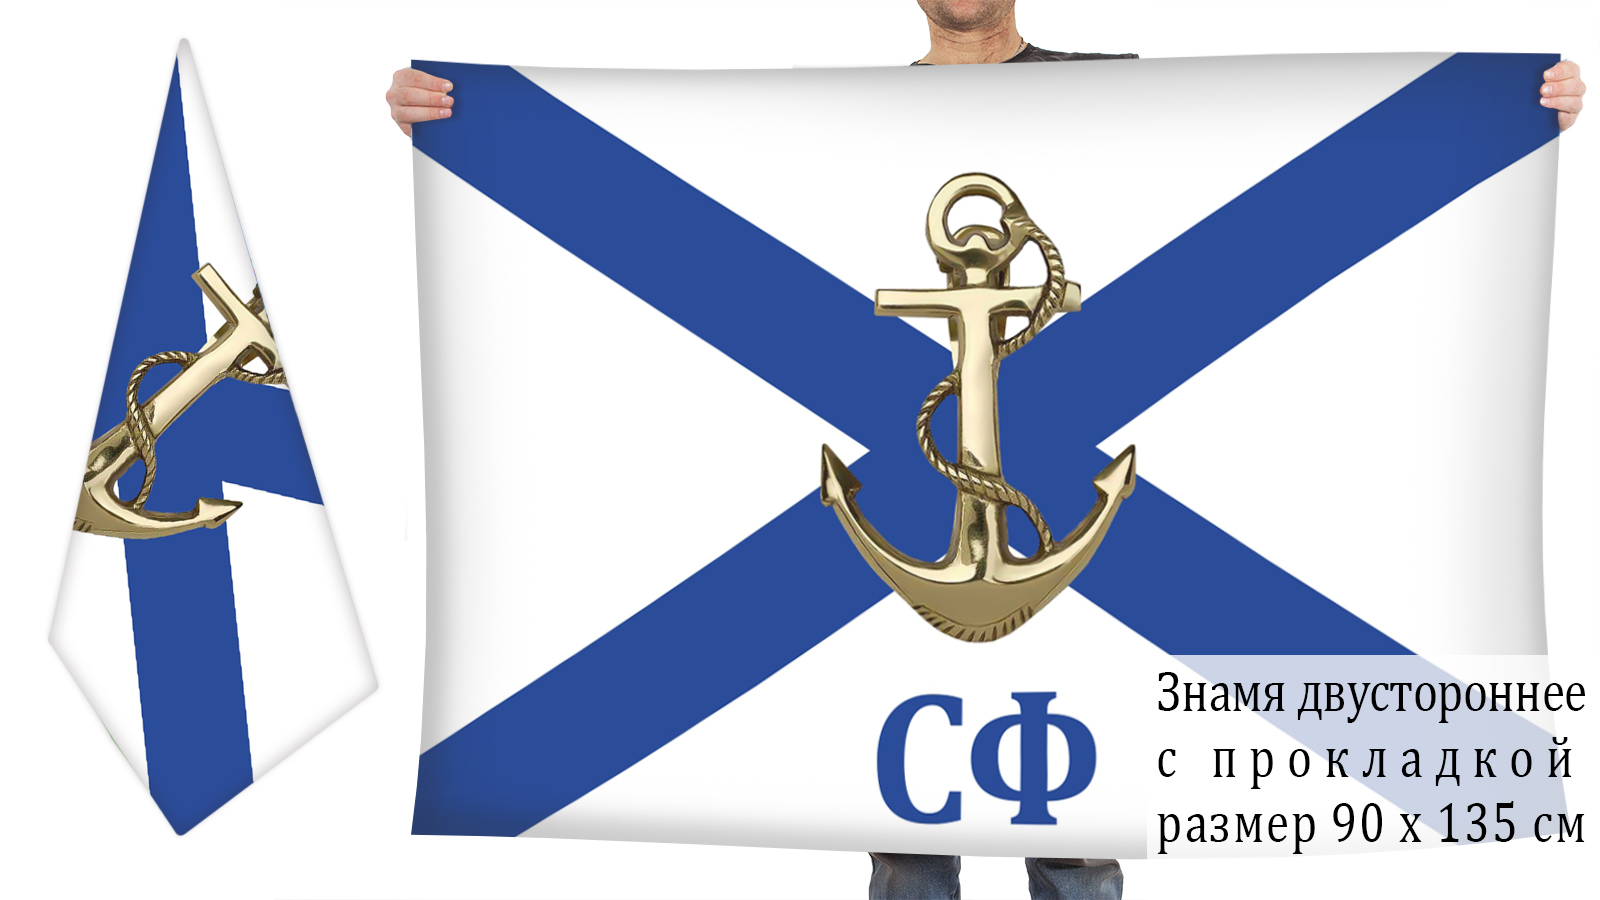 Двусторонний флаг Северного флота